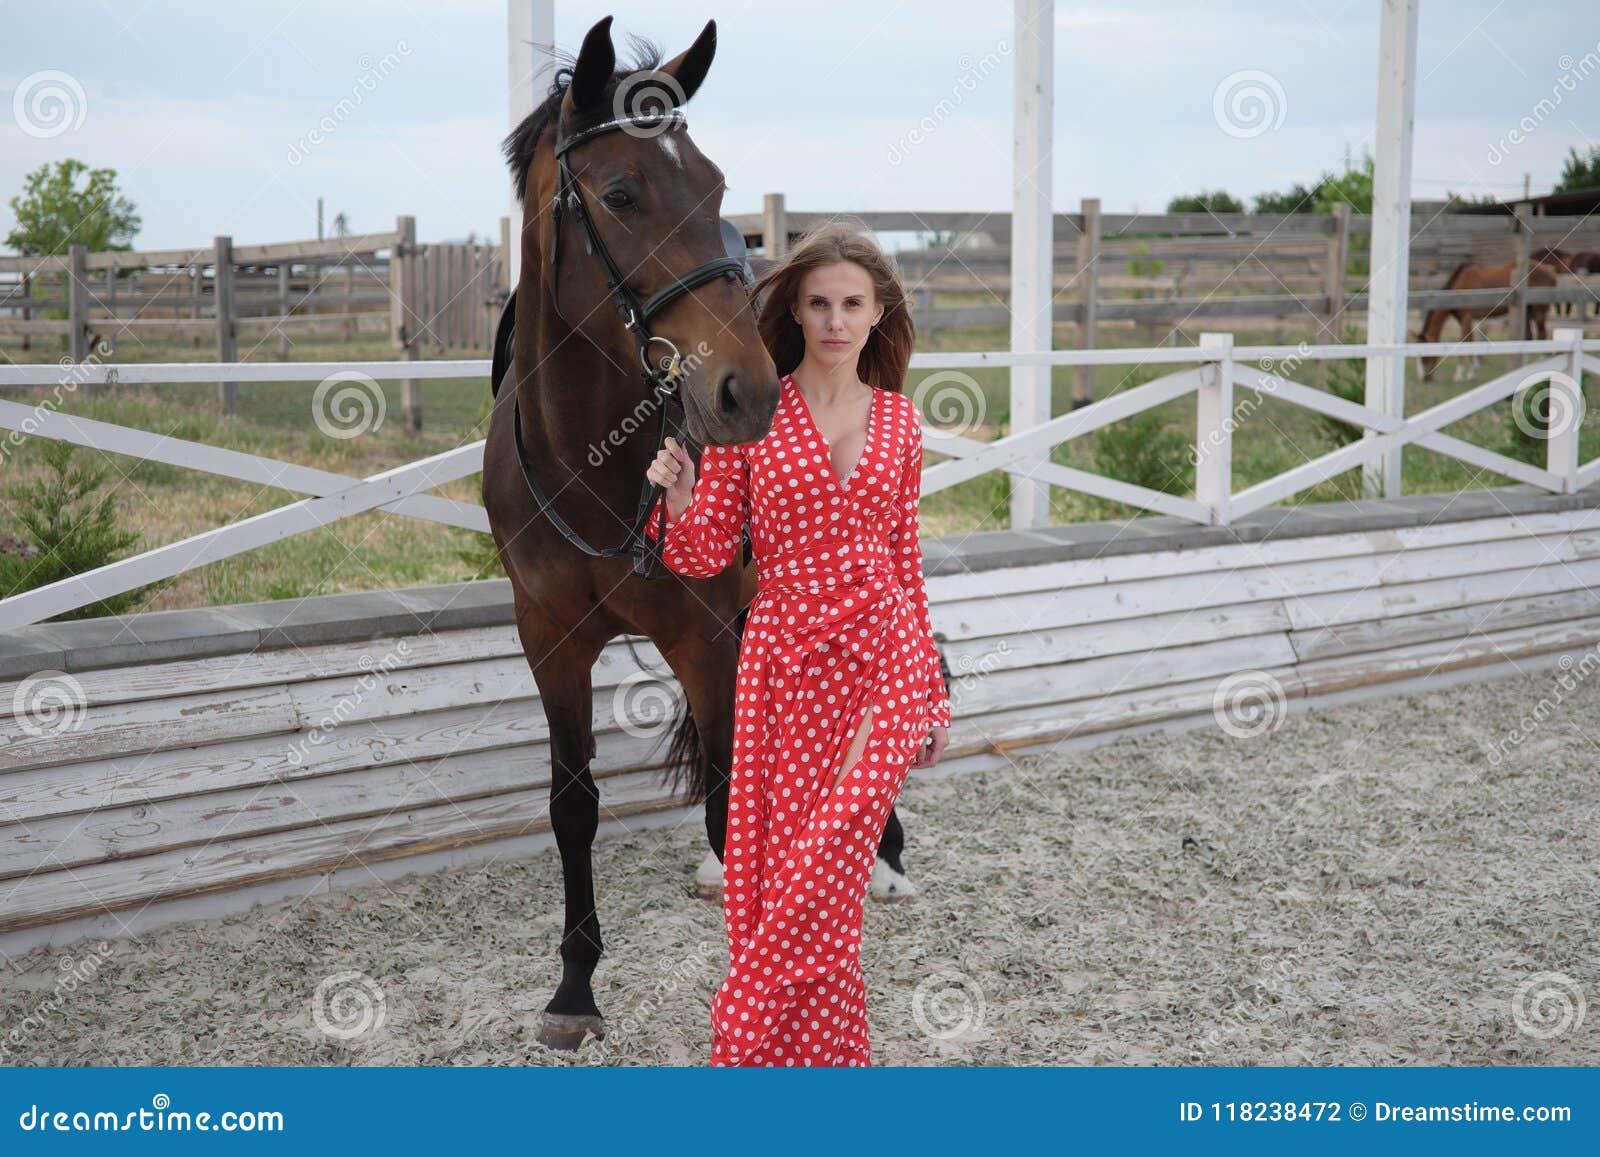 Красивая и сексуальная блондинка с большими грудями в красном платье и лошади коричневых костюмов